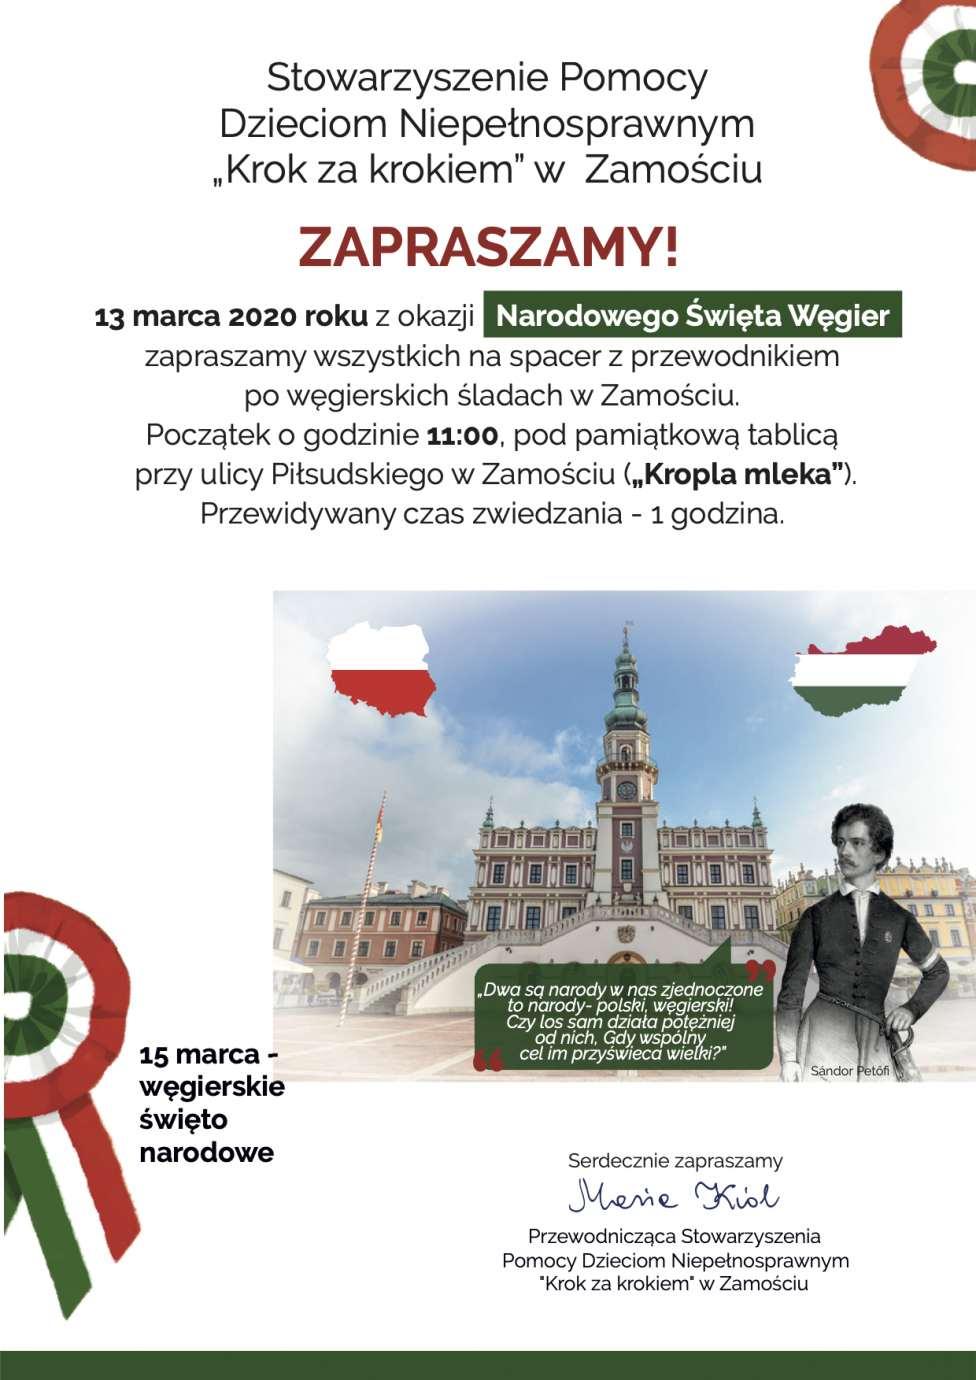 plakat Spacer z przewodnikiem po węgierskich śladach w Zamościu